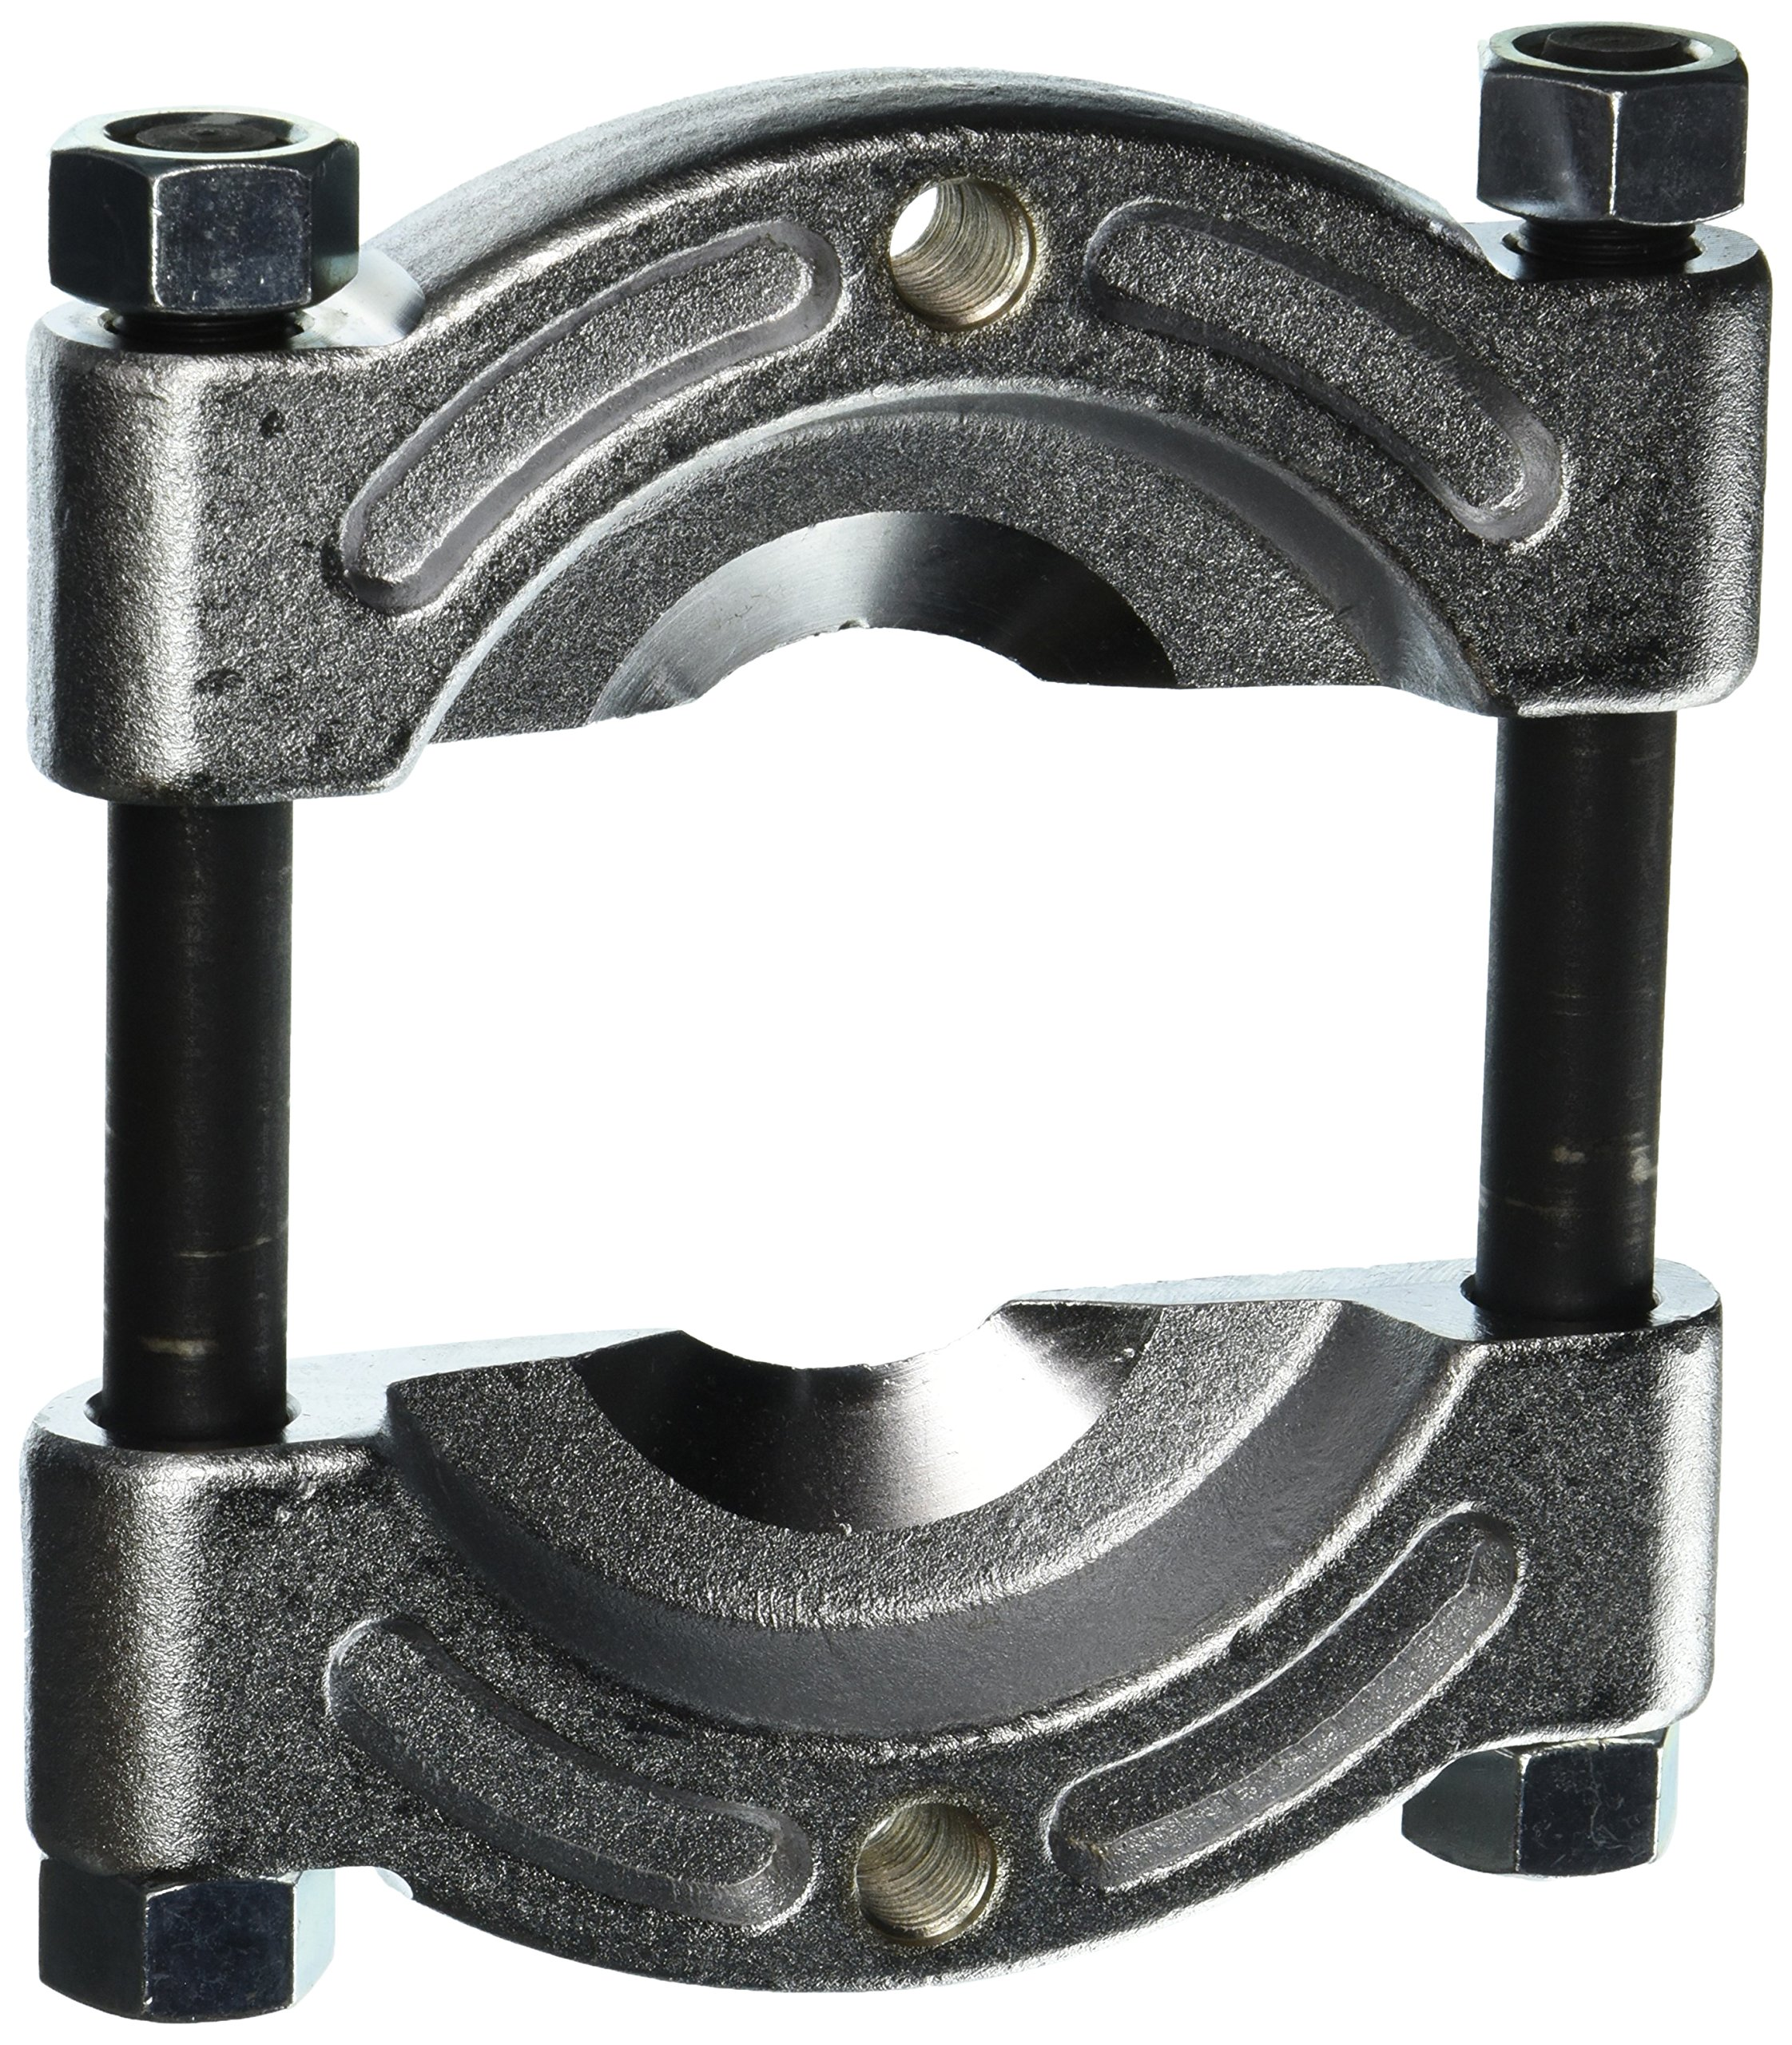 K-Tool International KTI (KTI-70384) Reversible Puller and Bearing Separator